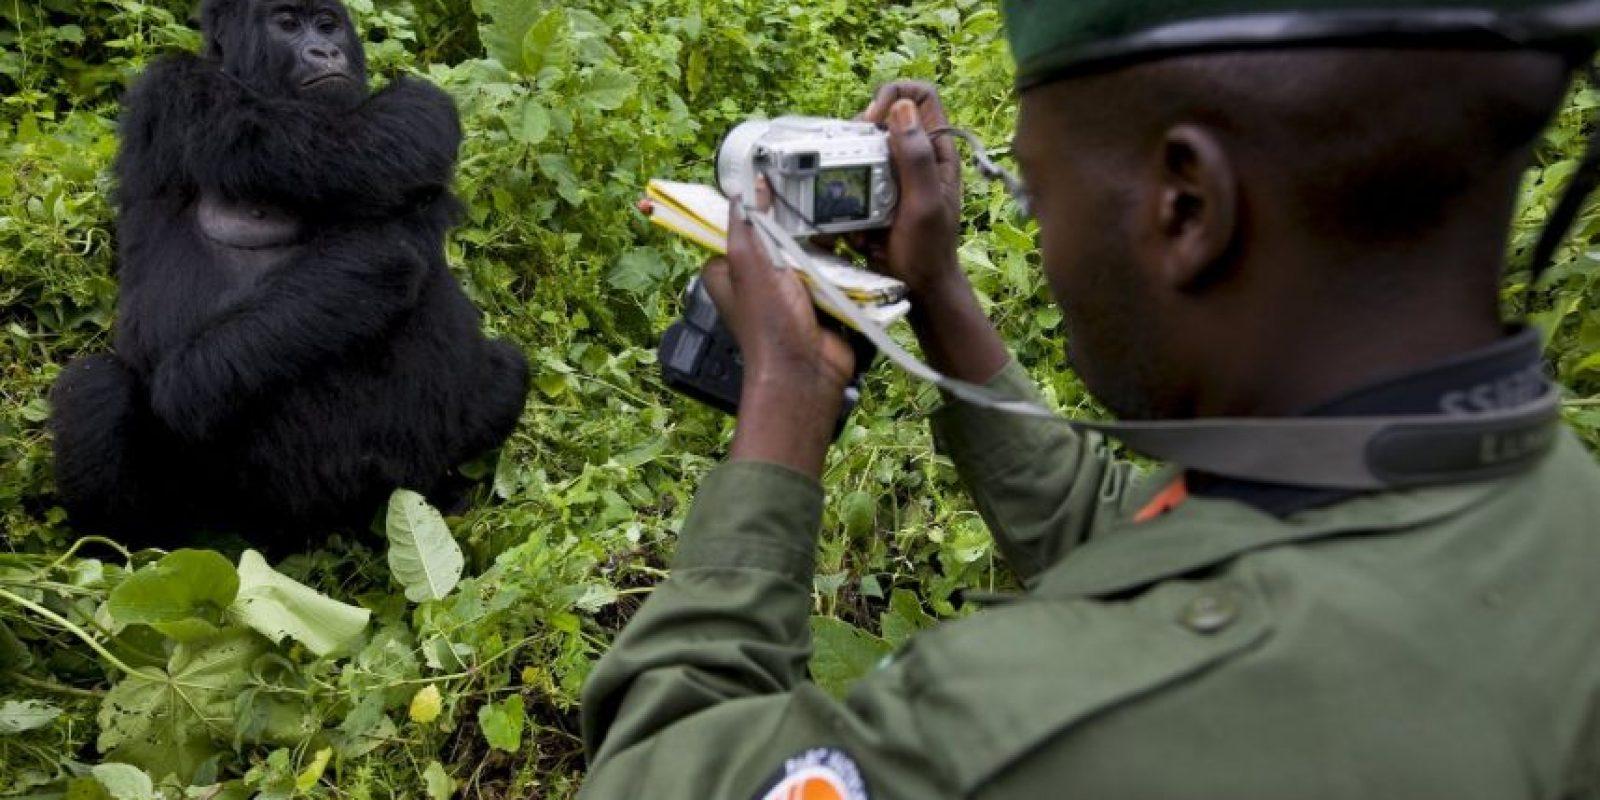 Sin embargo, así como los gorilas más de 140 guardabosques de Virguna han sido asesinados por protege el parque. Foto:Getty Images